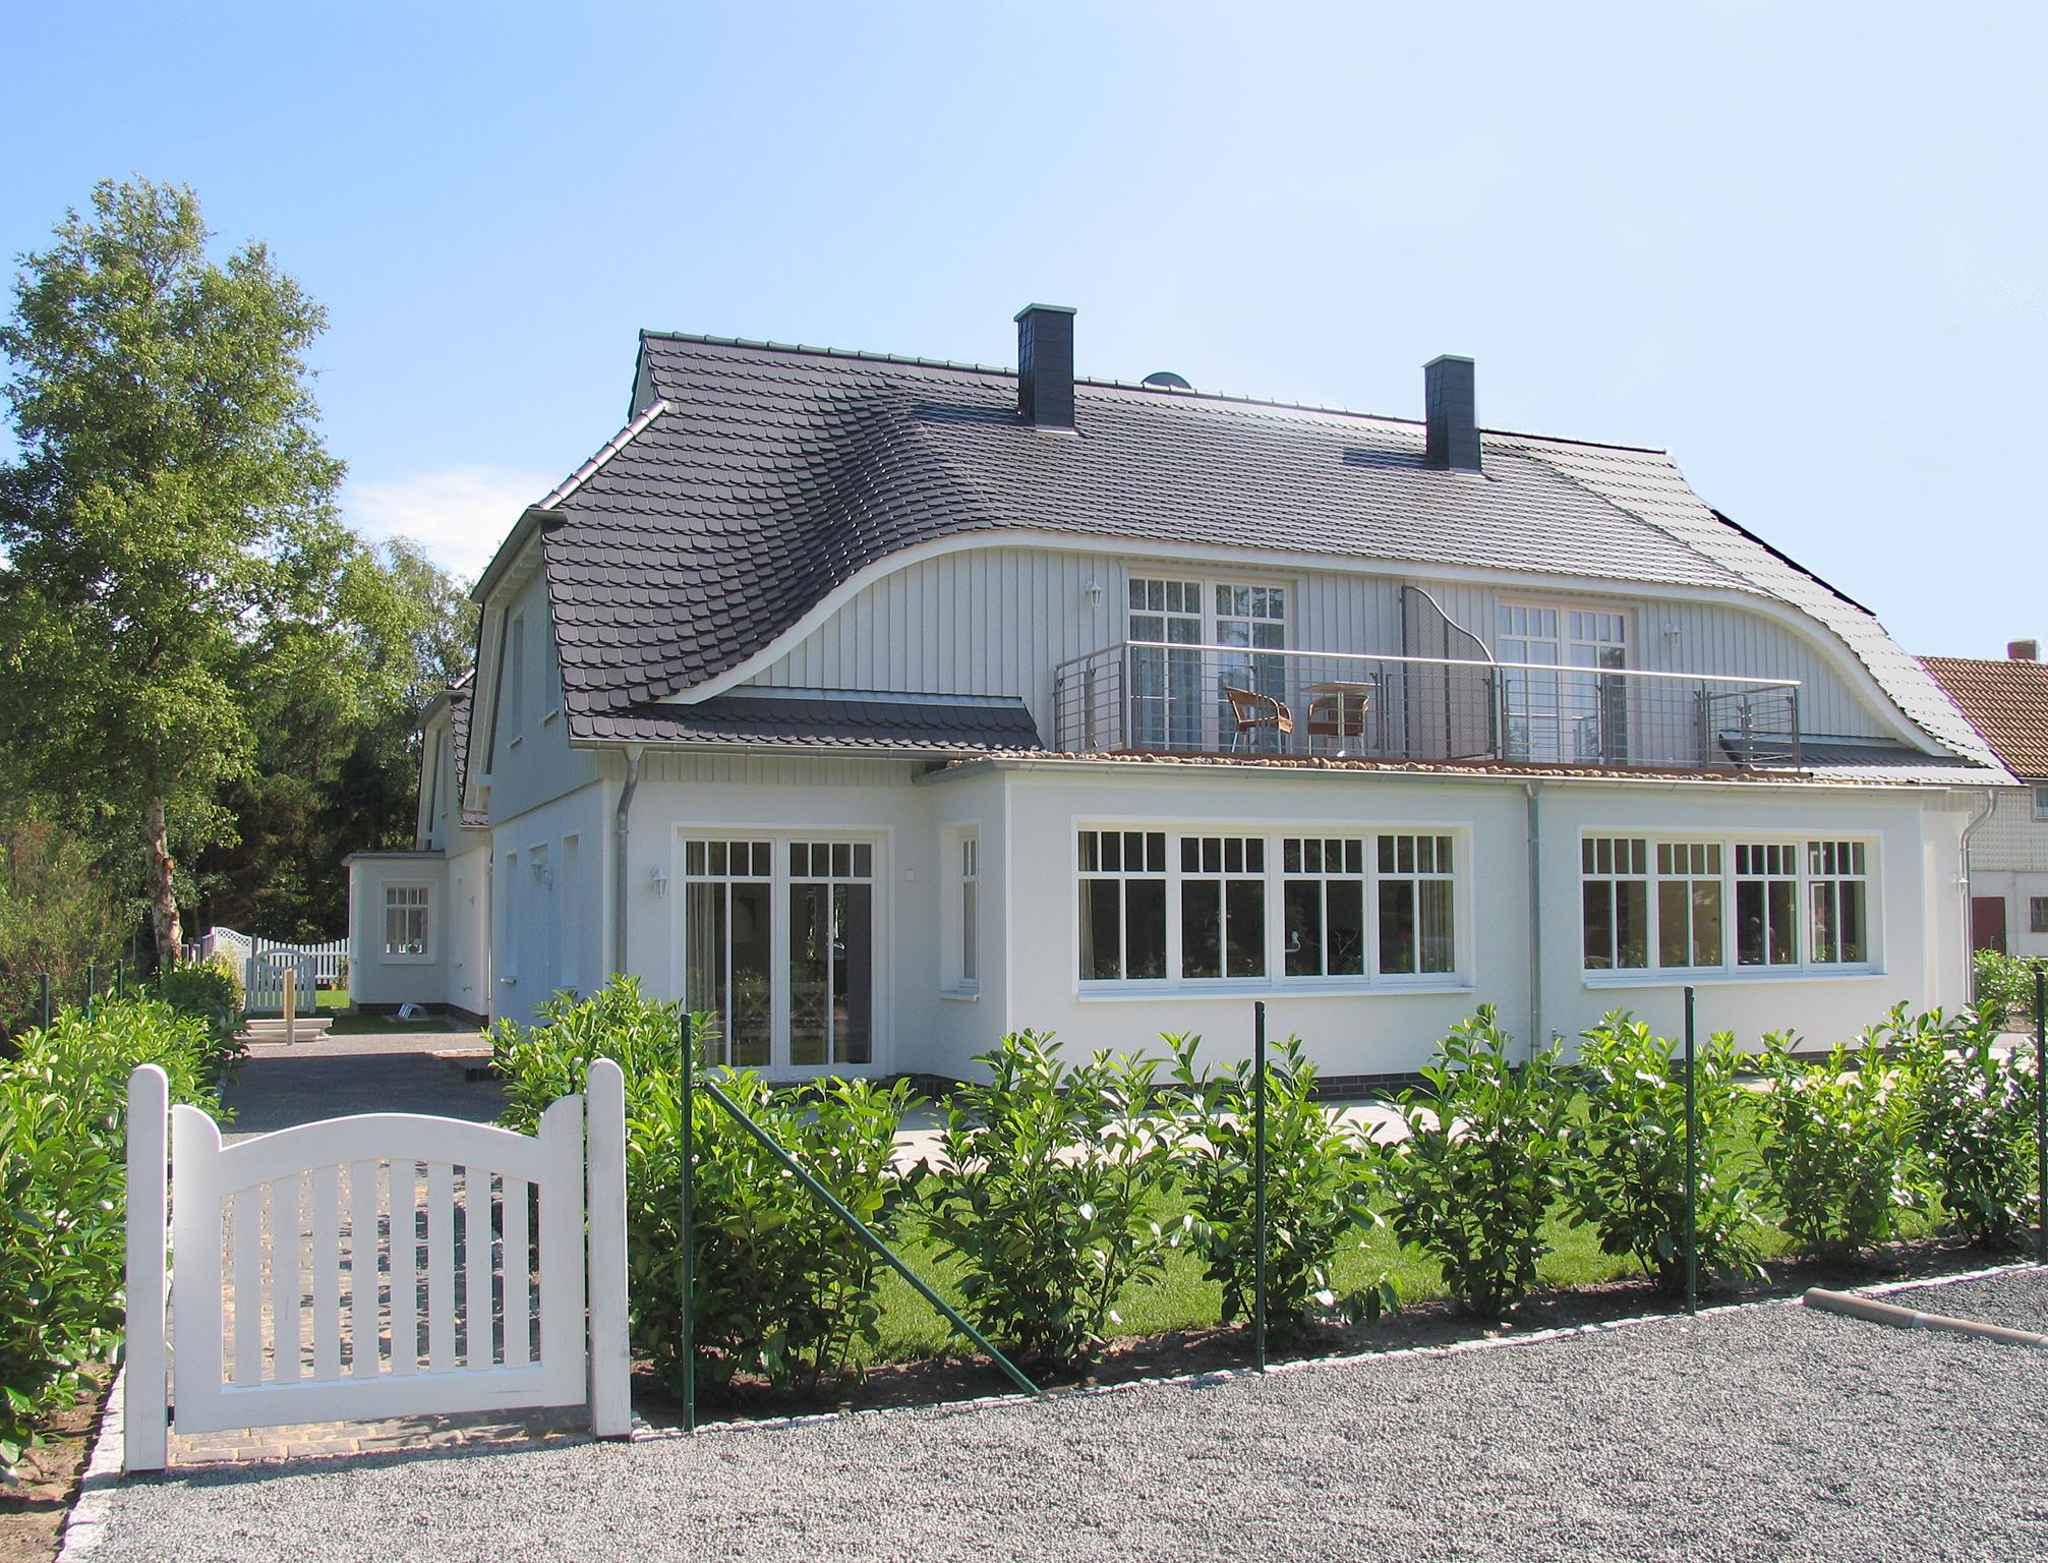 Ferienhaus mit Terrasse und Balkon (650552), Prerow, Fischland-Darss-Zingst, Mecklenburg-Vorpommern, Deutschland, Bild 2